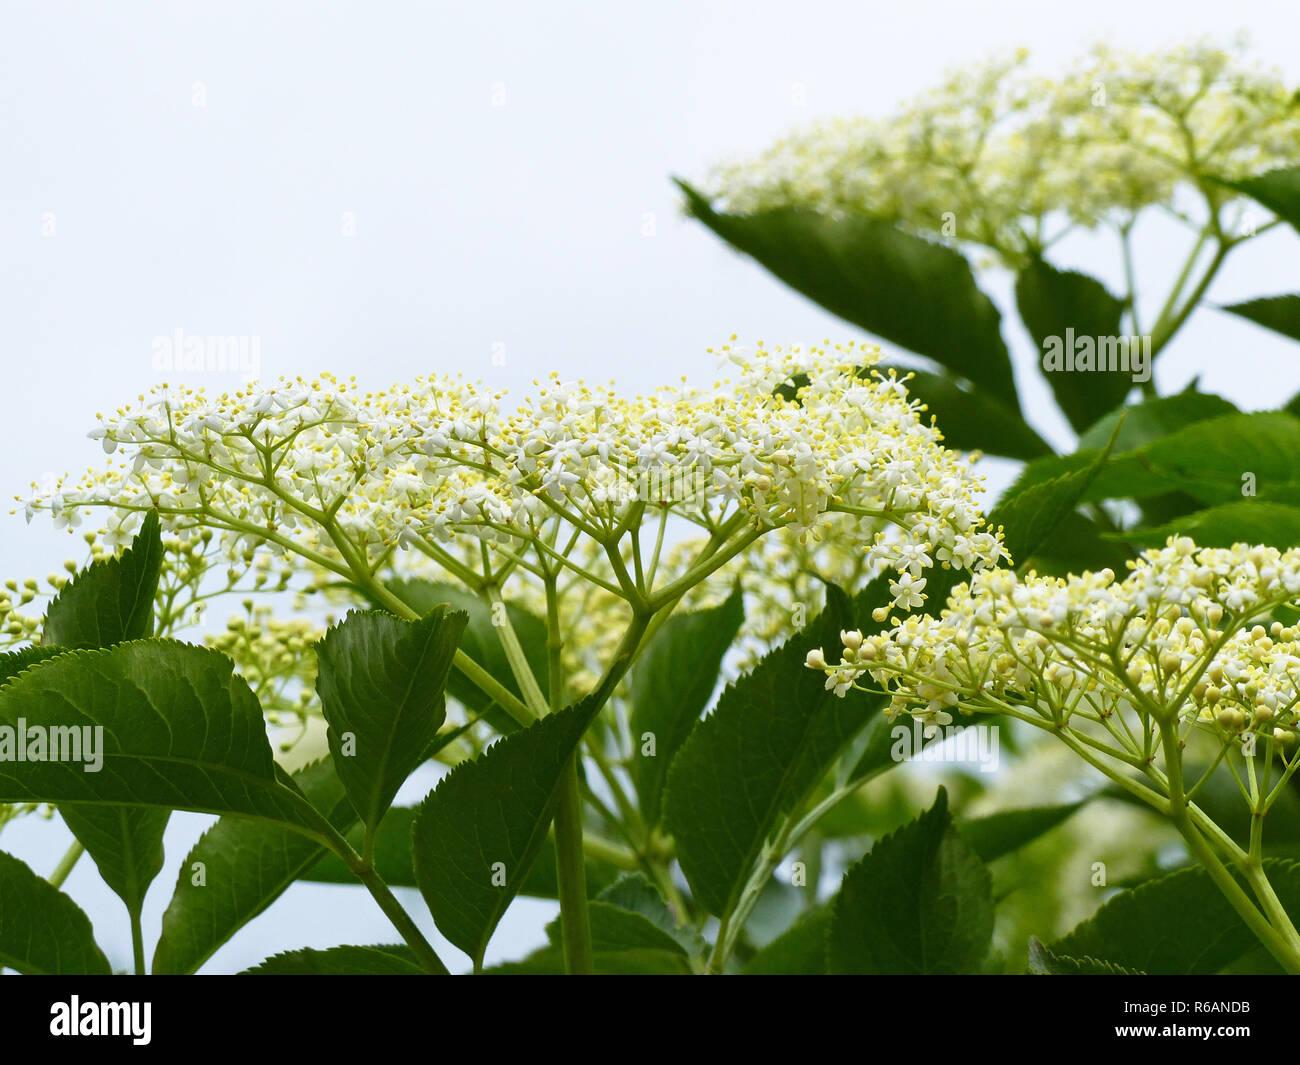 Elderflower Blossoms, Sambucus Nigra - Stock Image